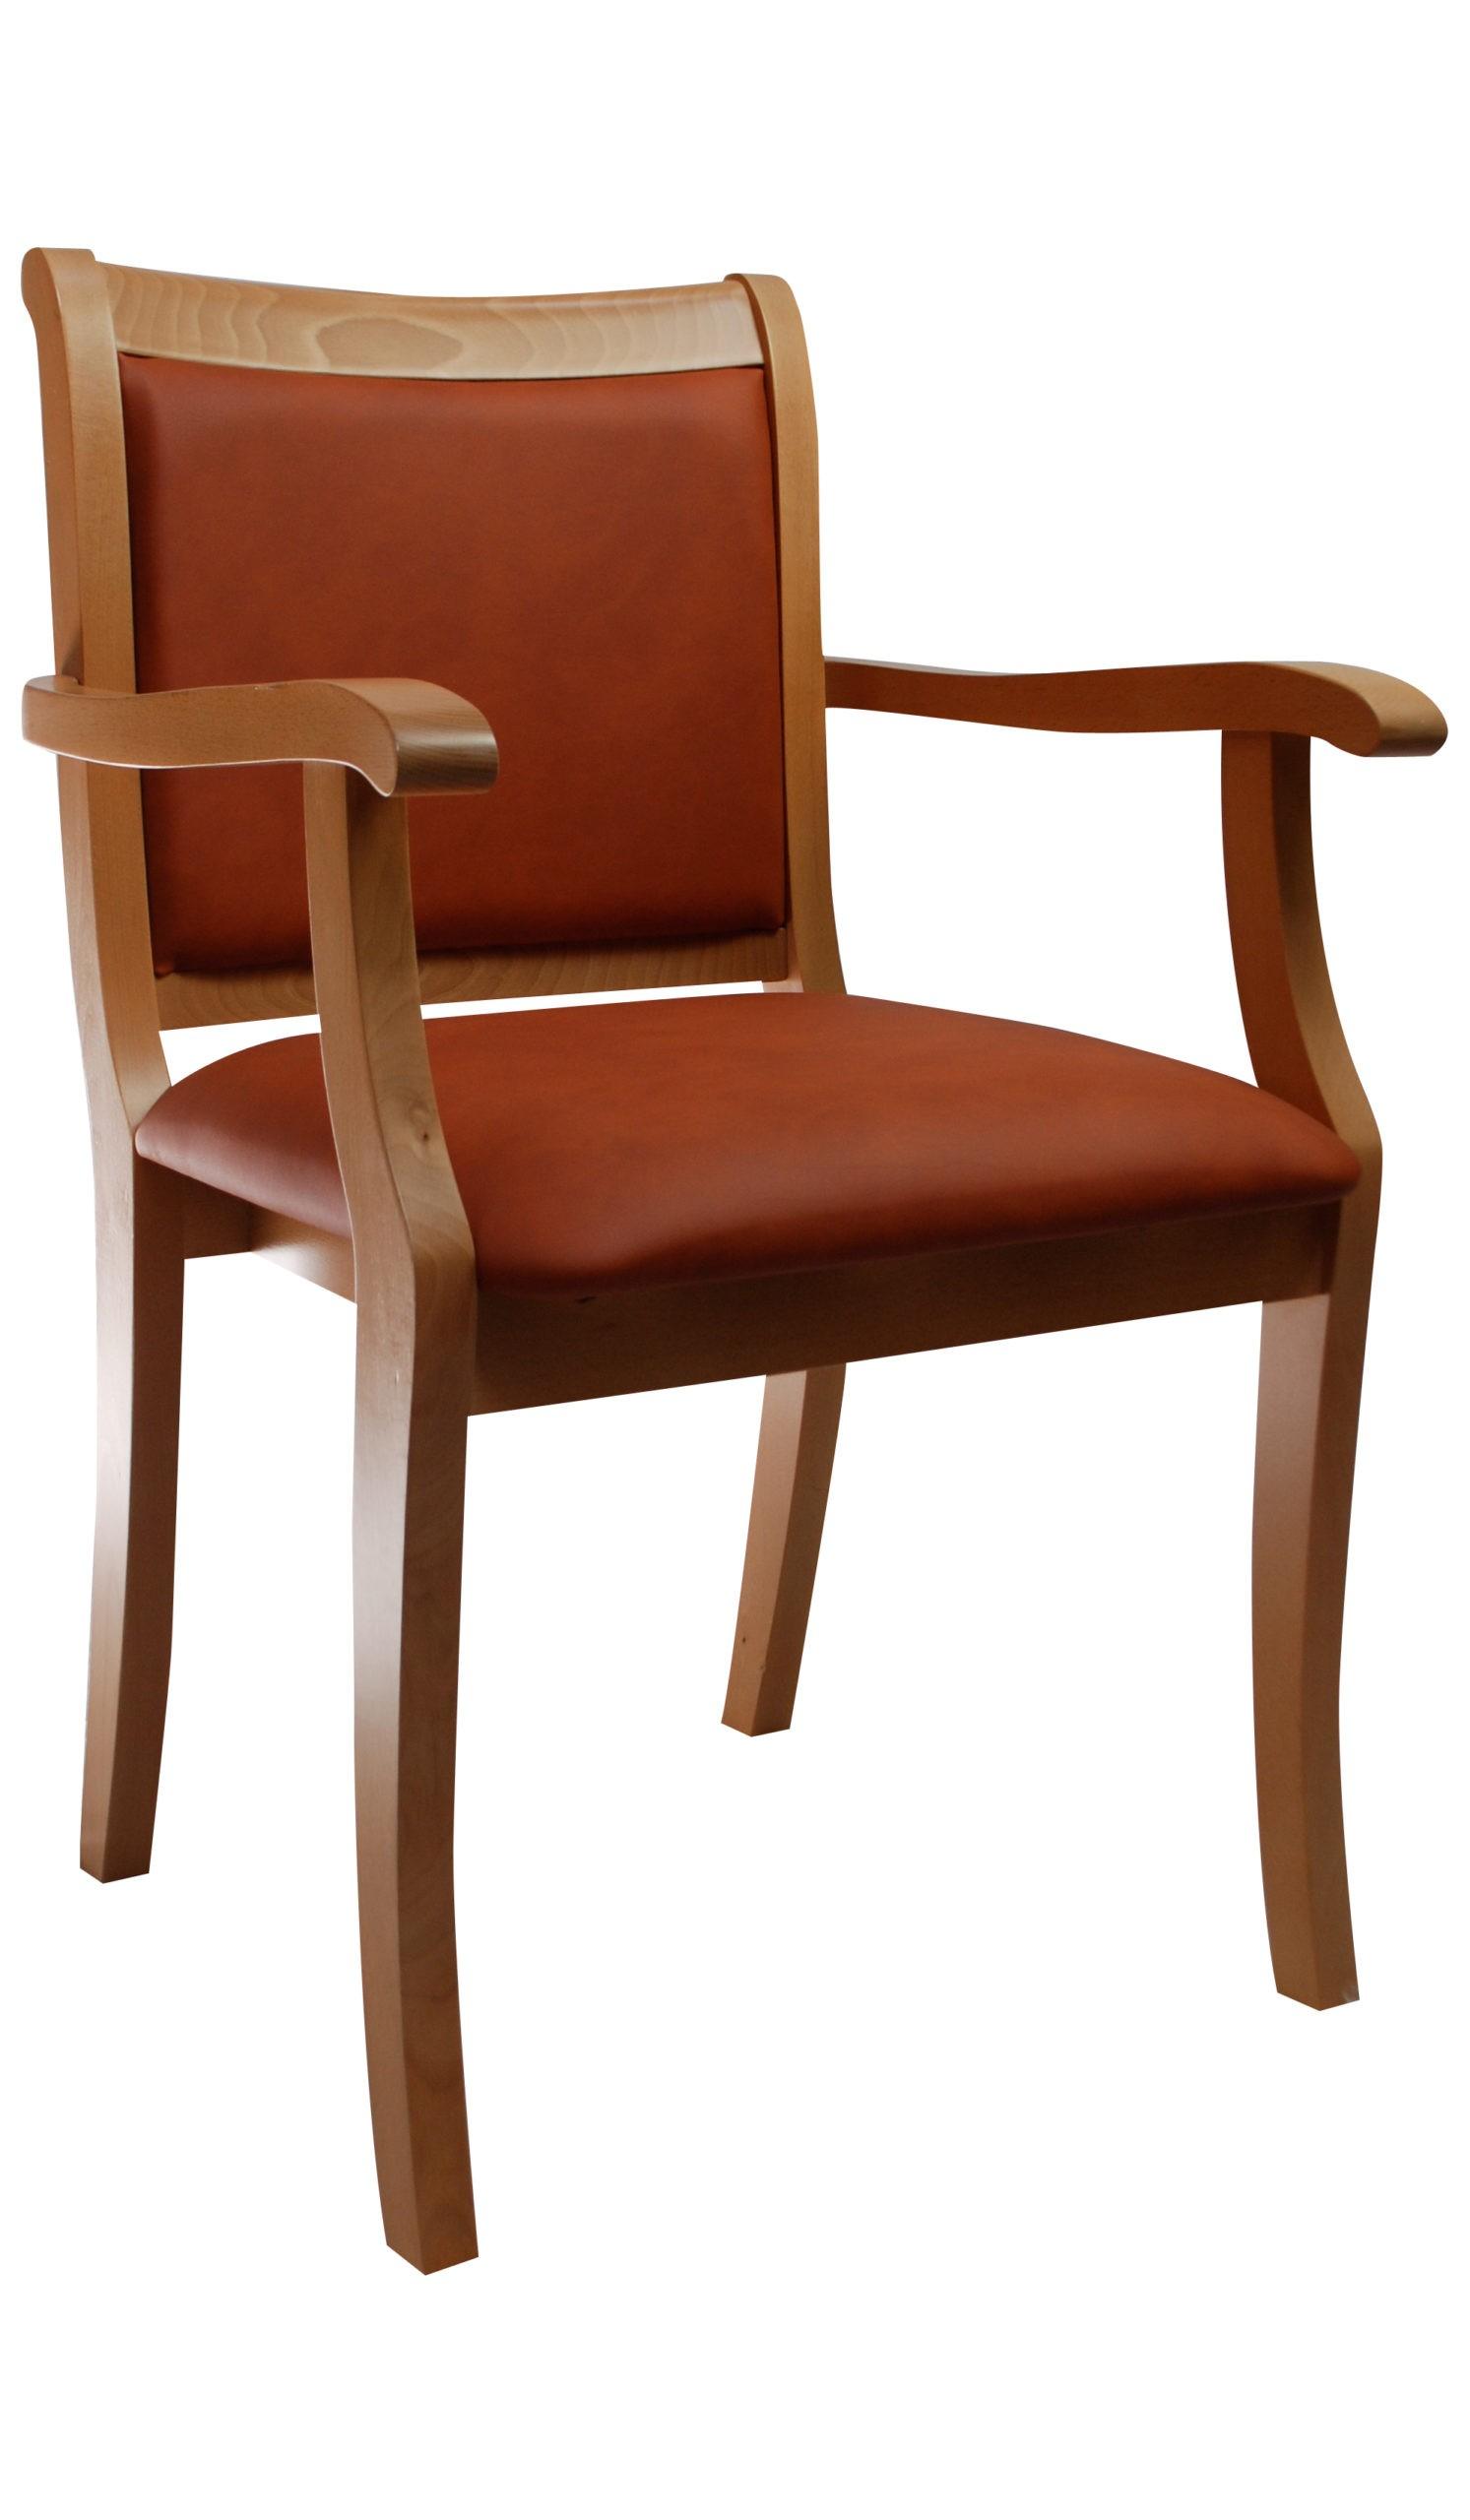 Bardzo wygodne krzesło do salonu,jadalni z podłokietnikami KT58